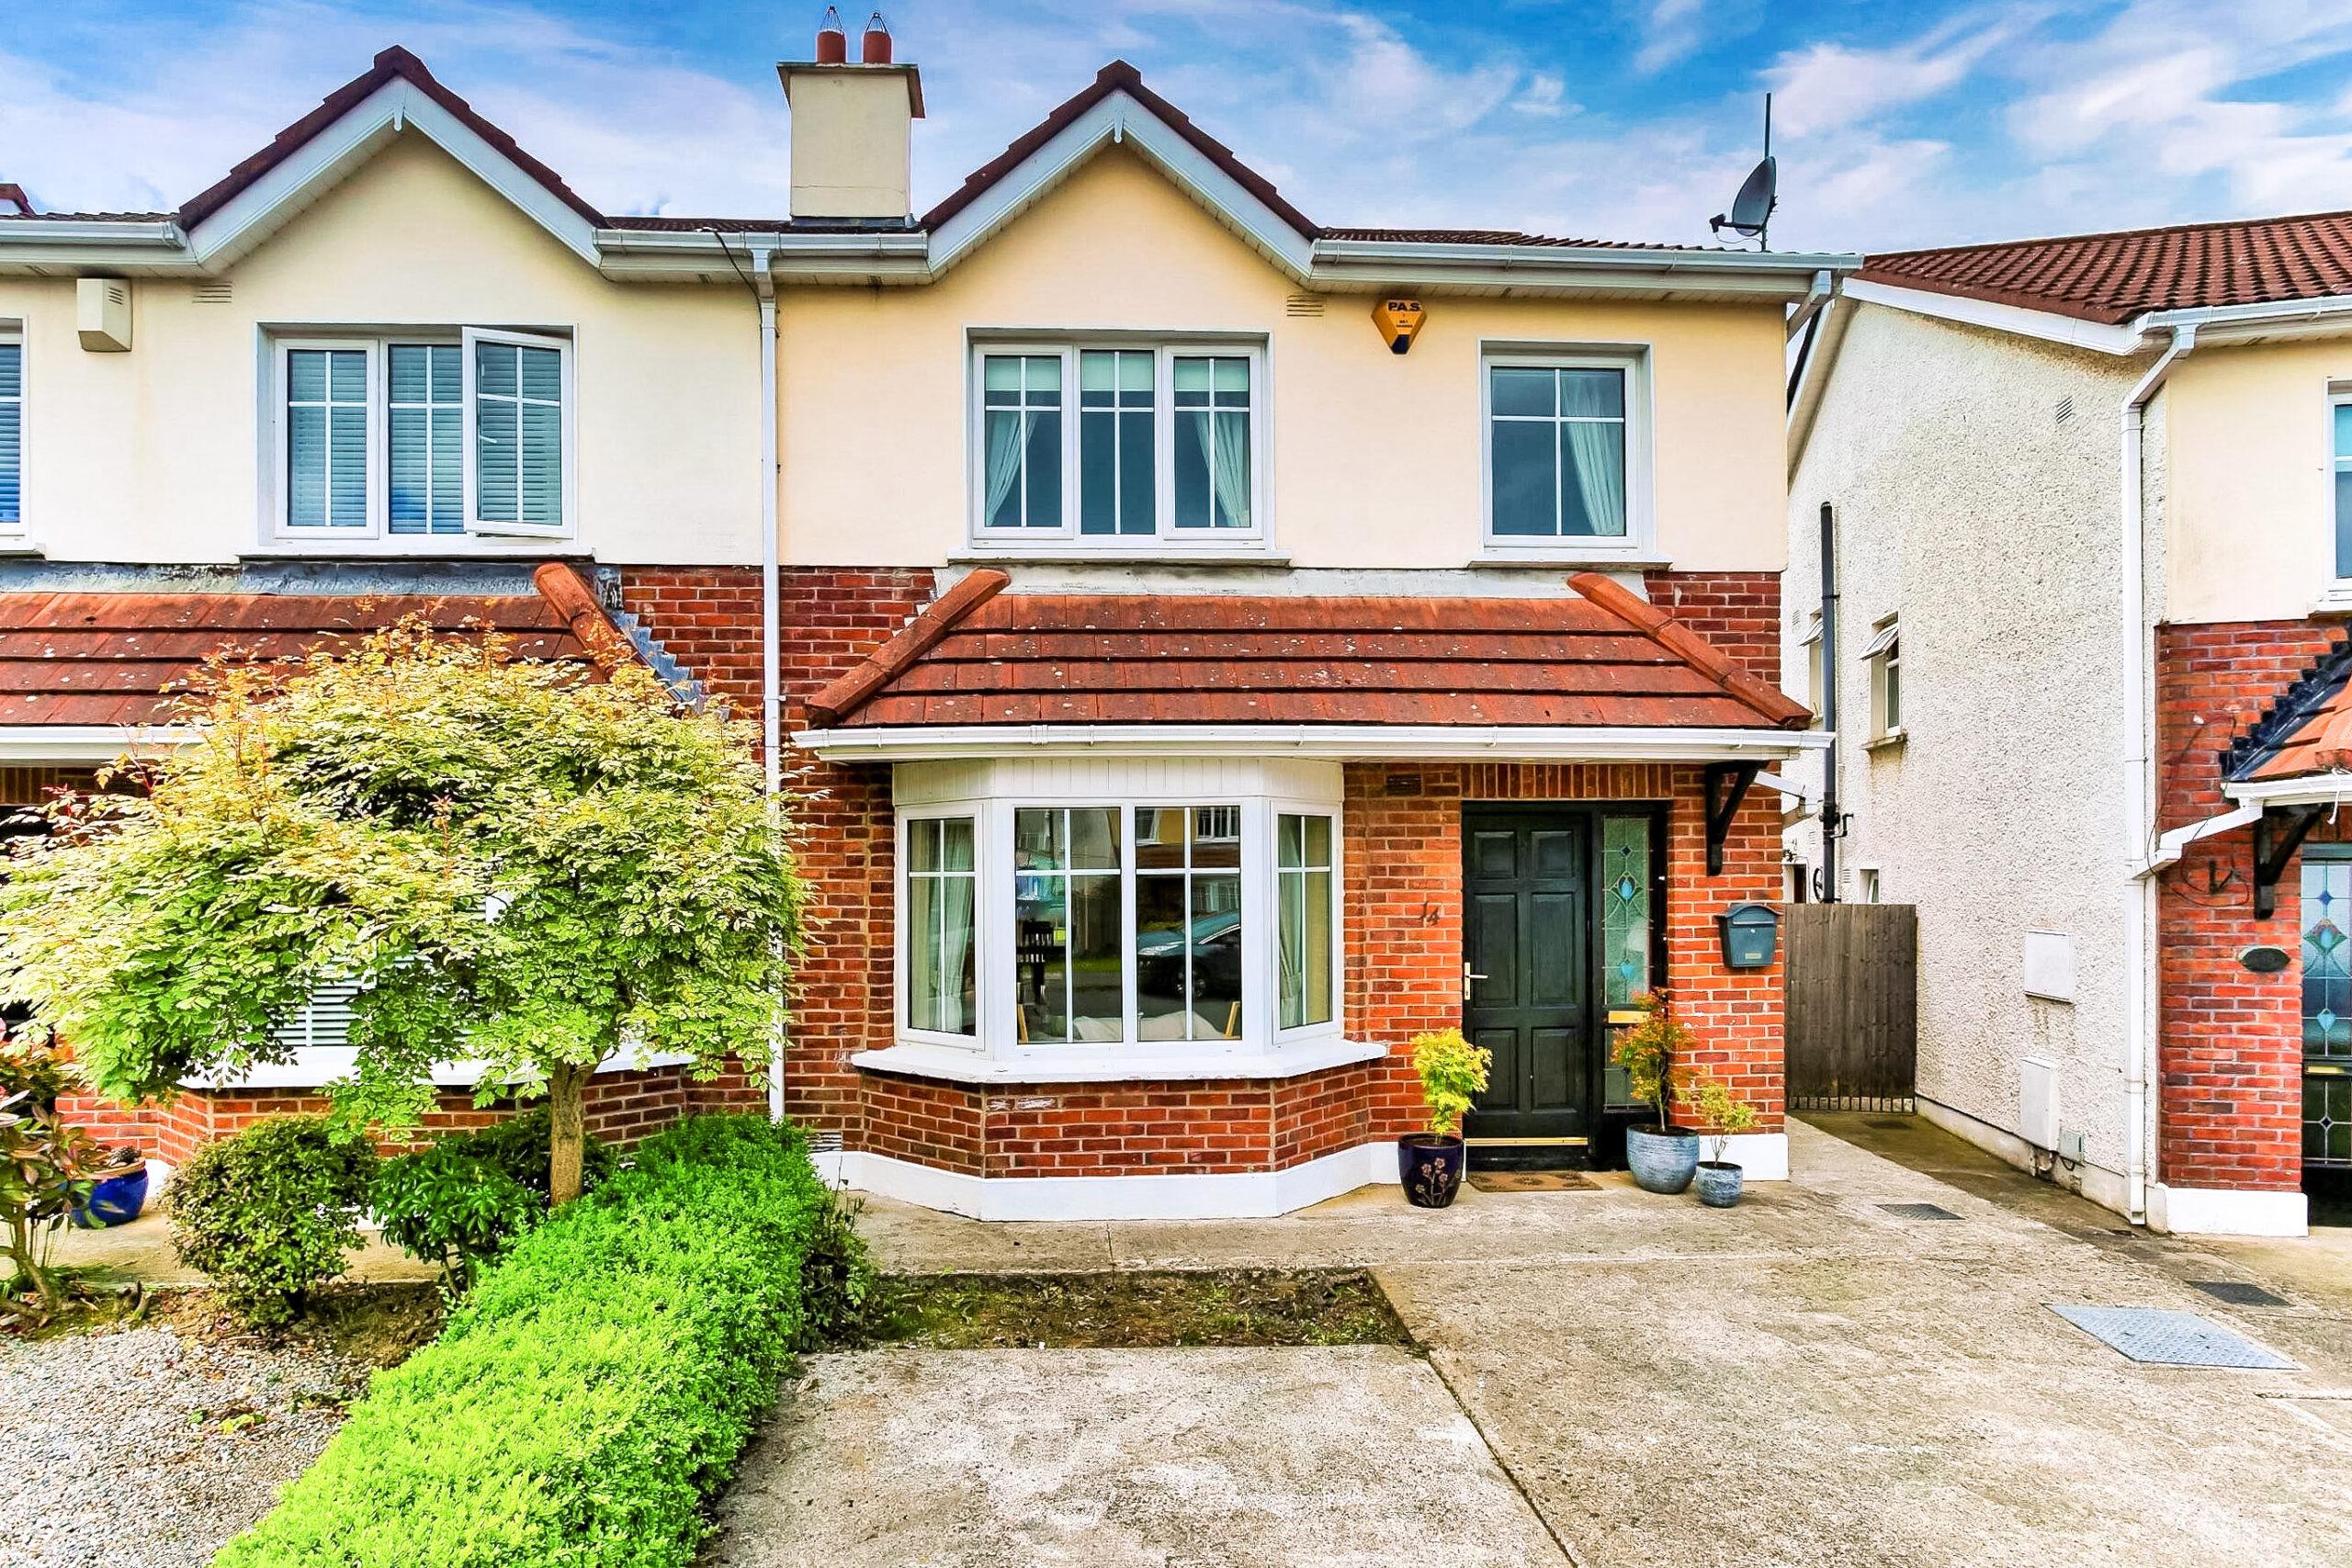 14 Deepdales, Southern Cross Road, Bray, Co Wicklow